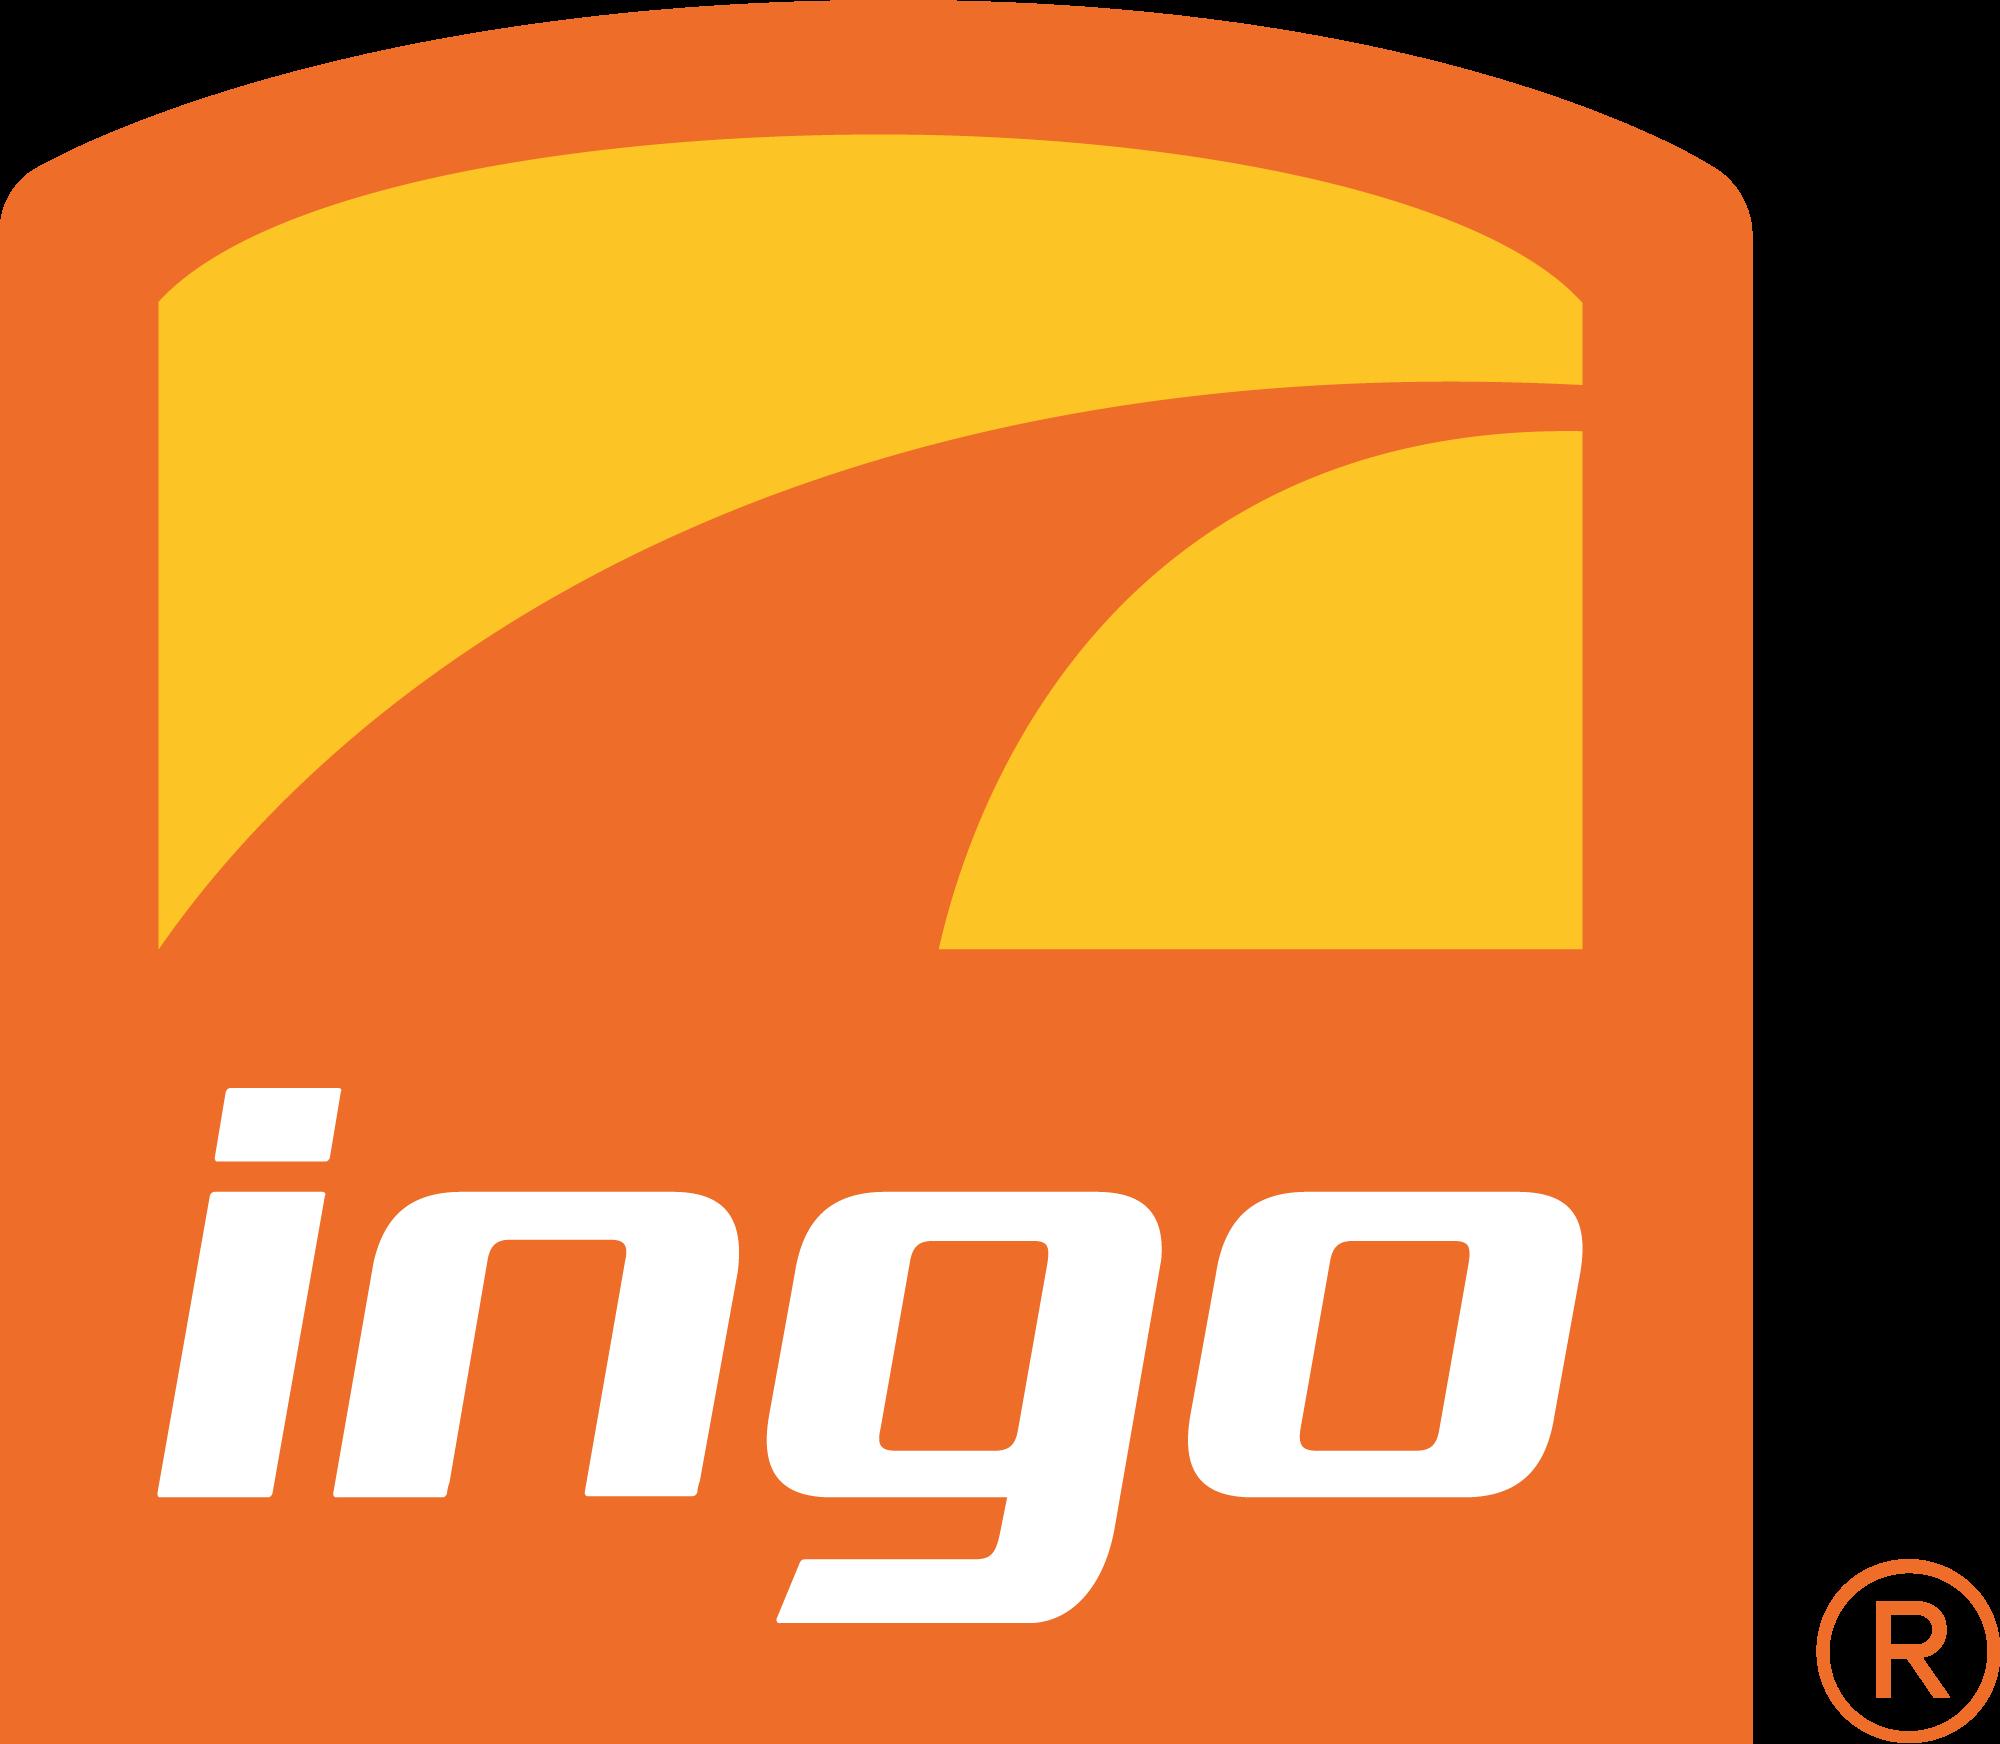 Ingo logo